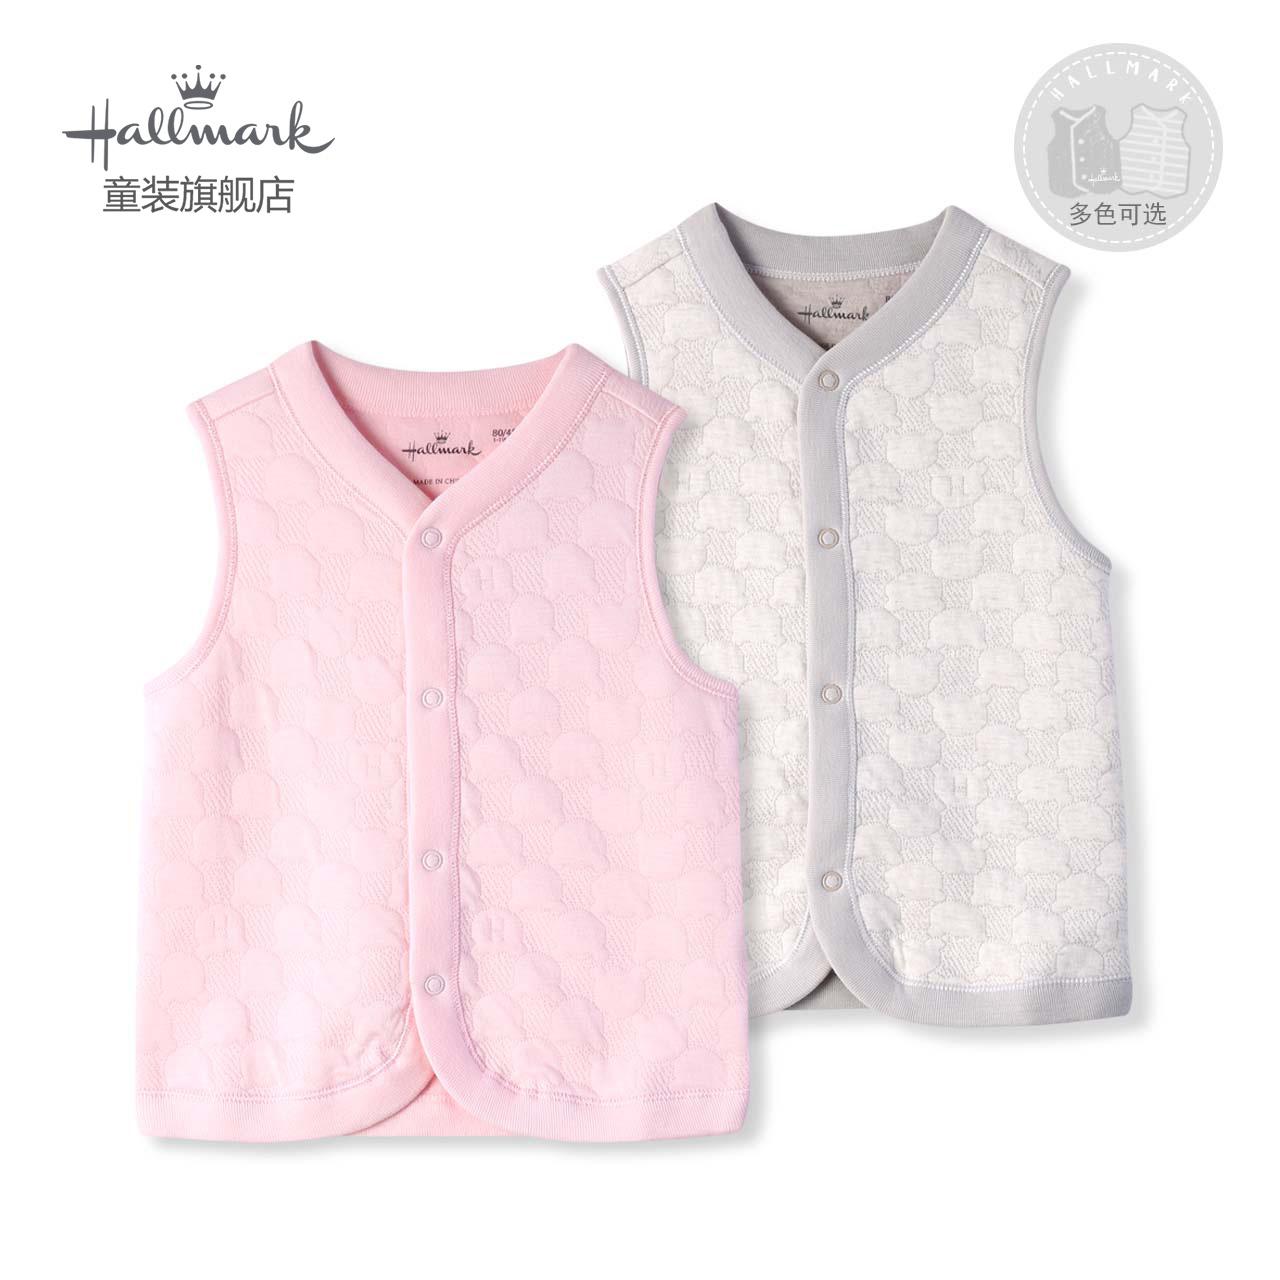 Hallmark贺曼冬季男女婴儿童幼童夹棉布保暖背心家居外套马甲